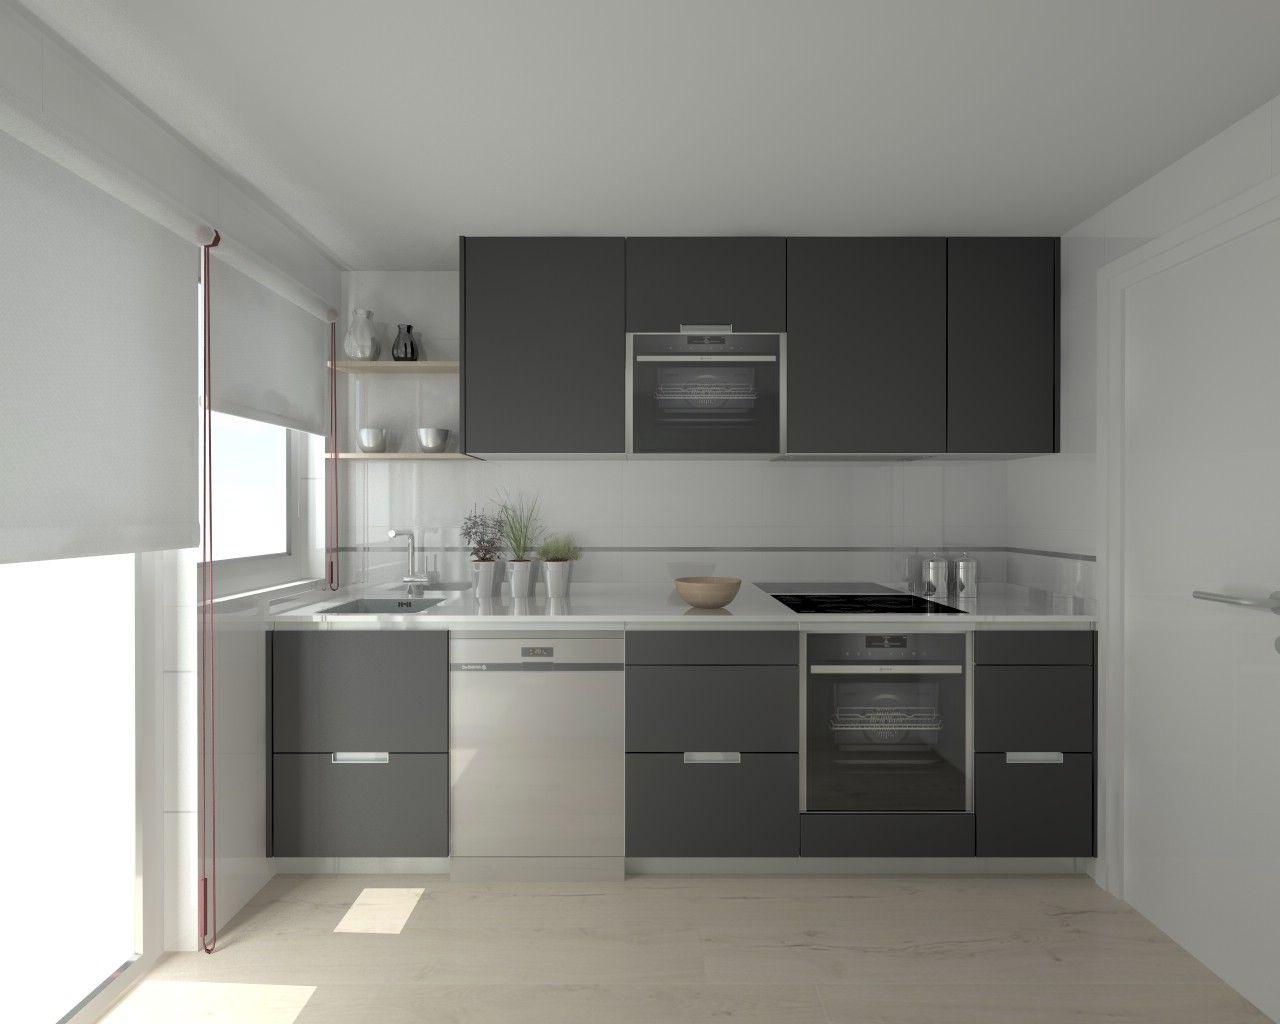 Cocina santos modelo minos e gris antracita encimera for Cocinas blancas y grises